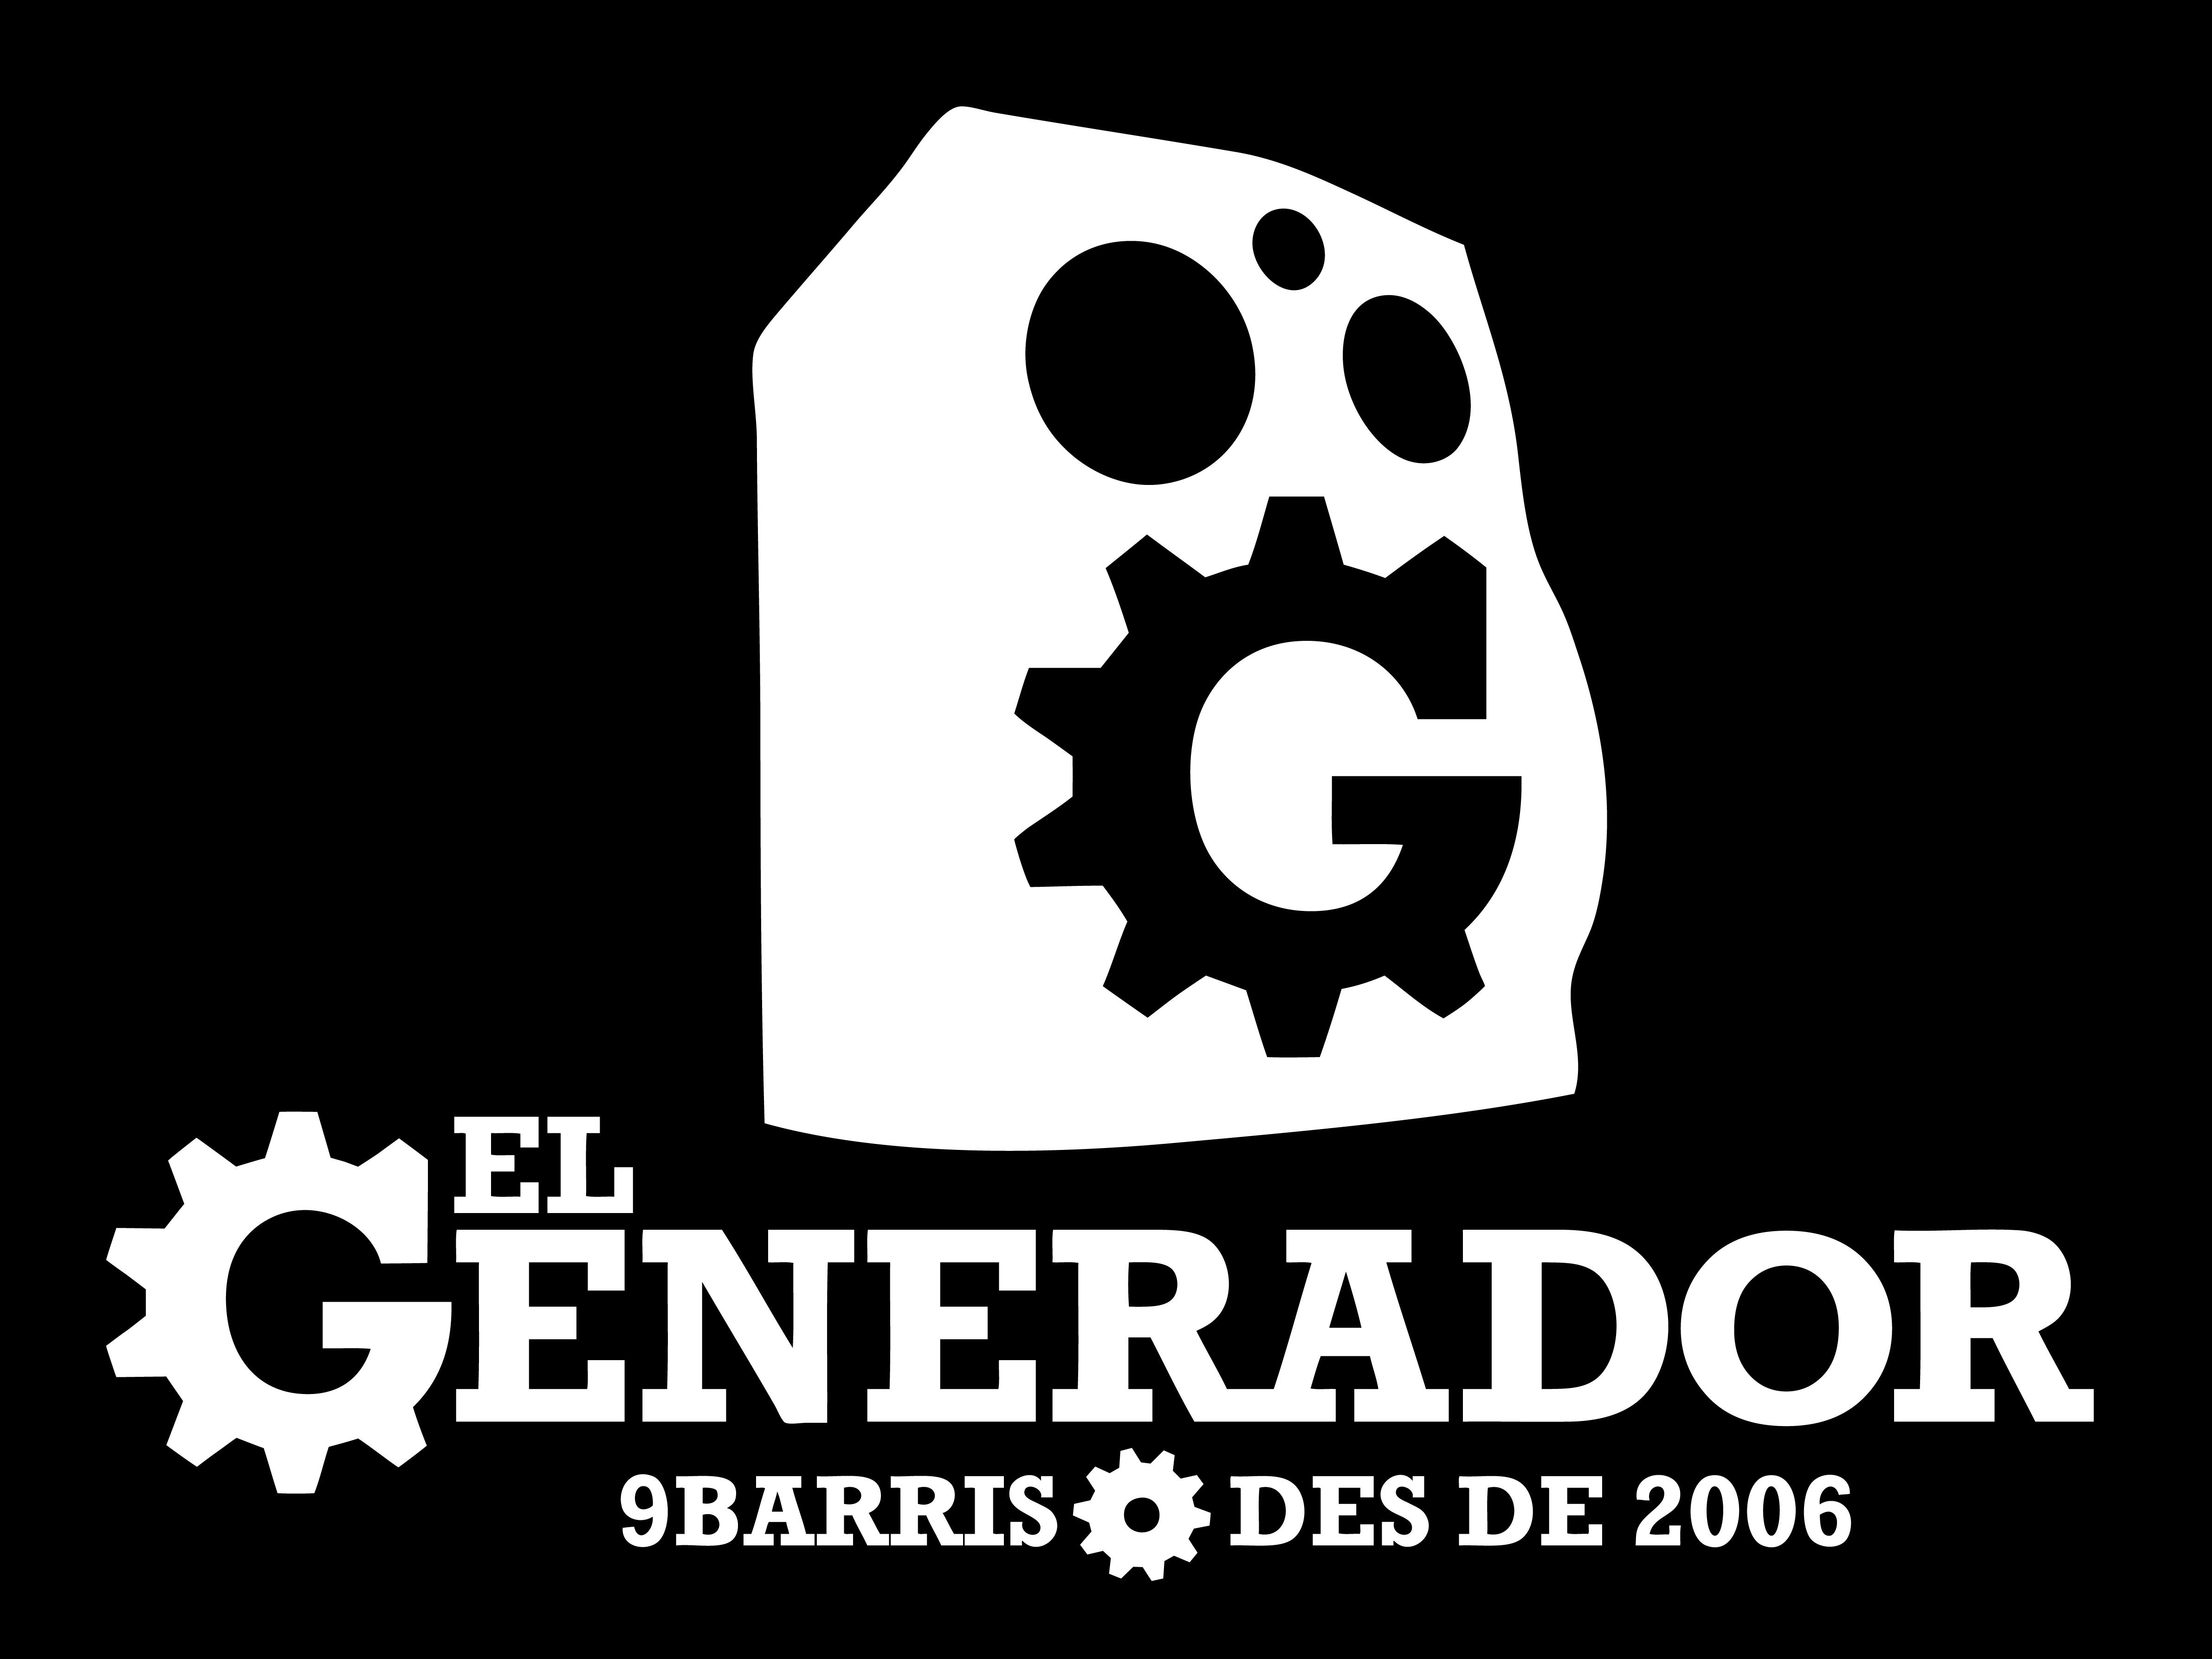 El Generador 9 Barris